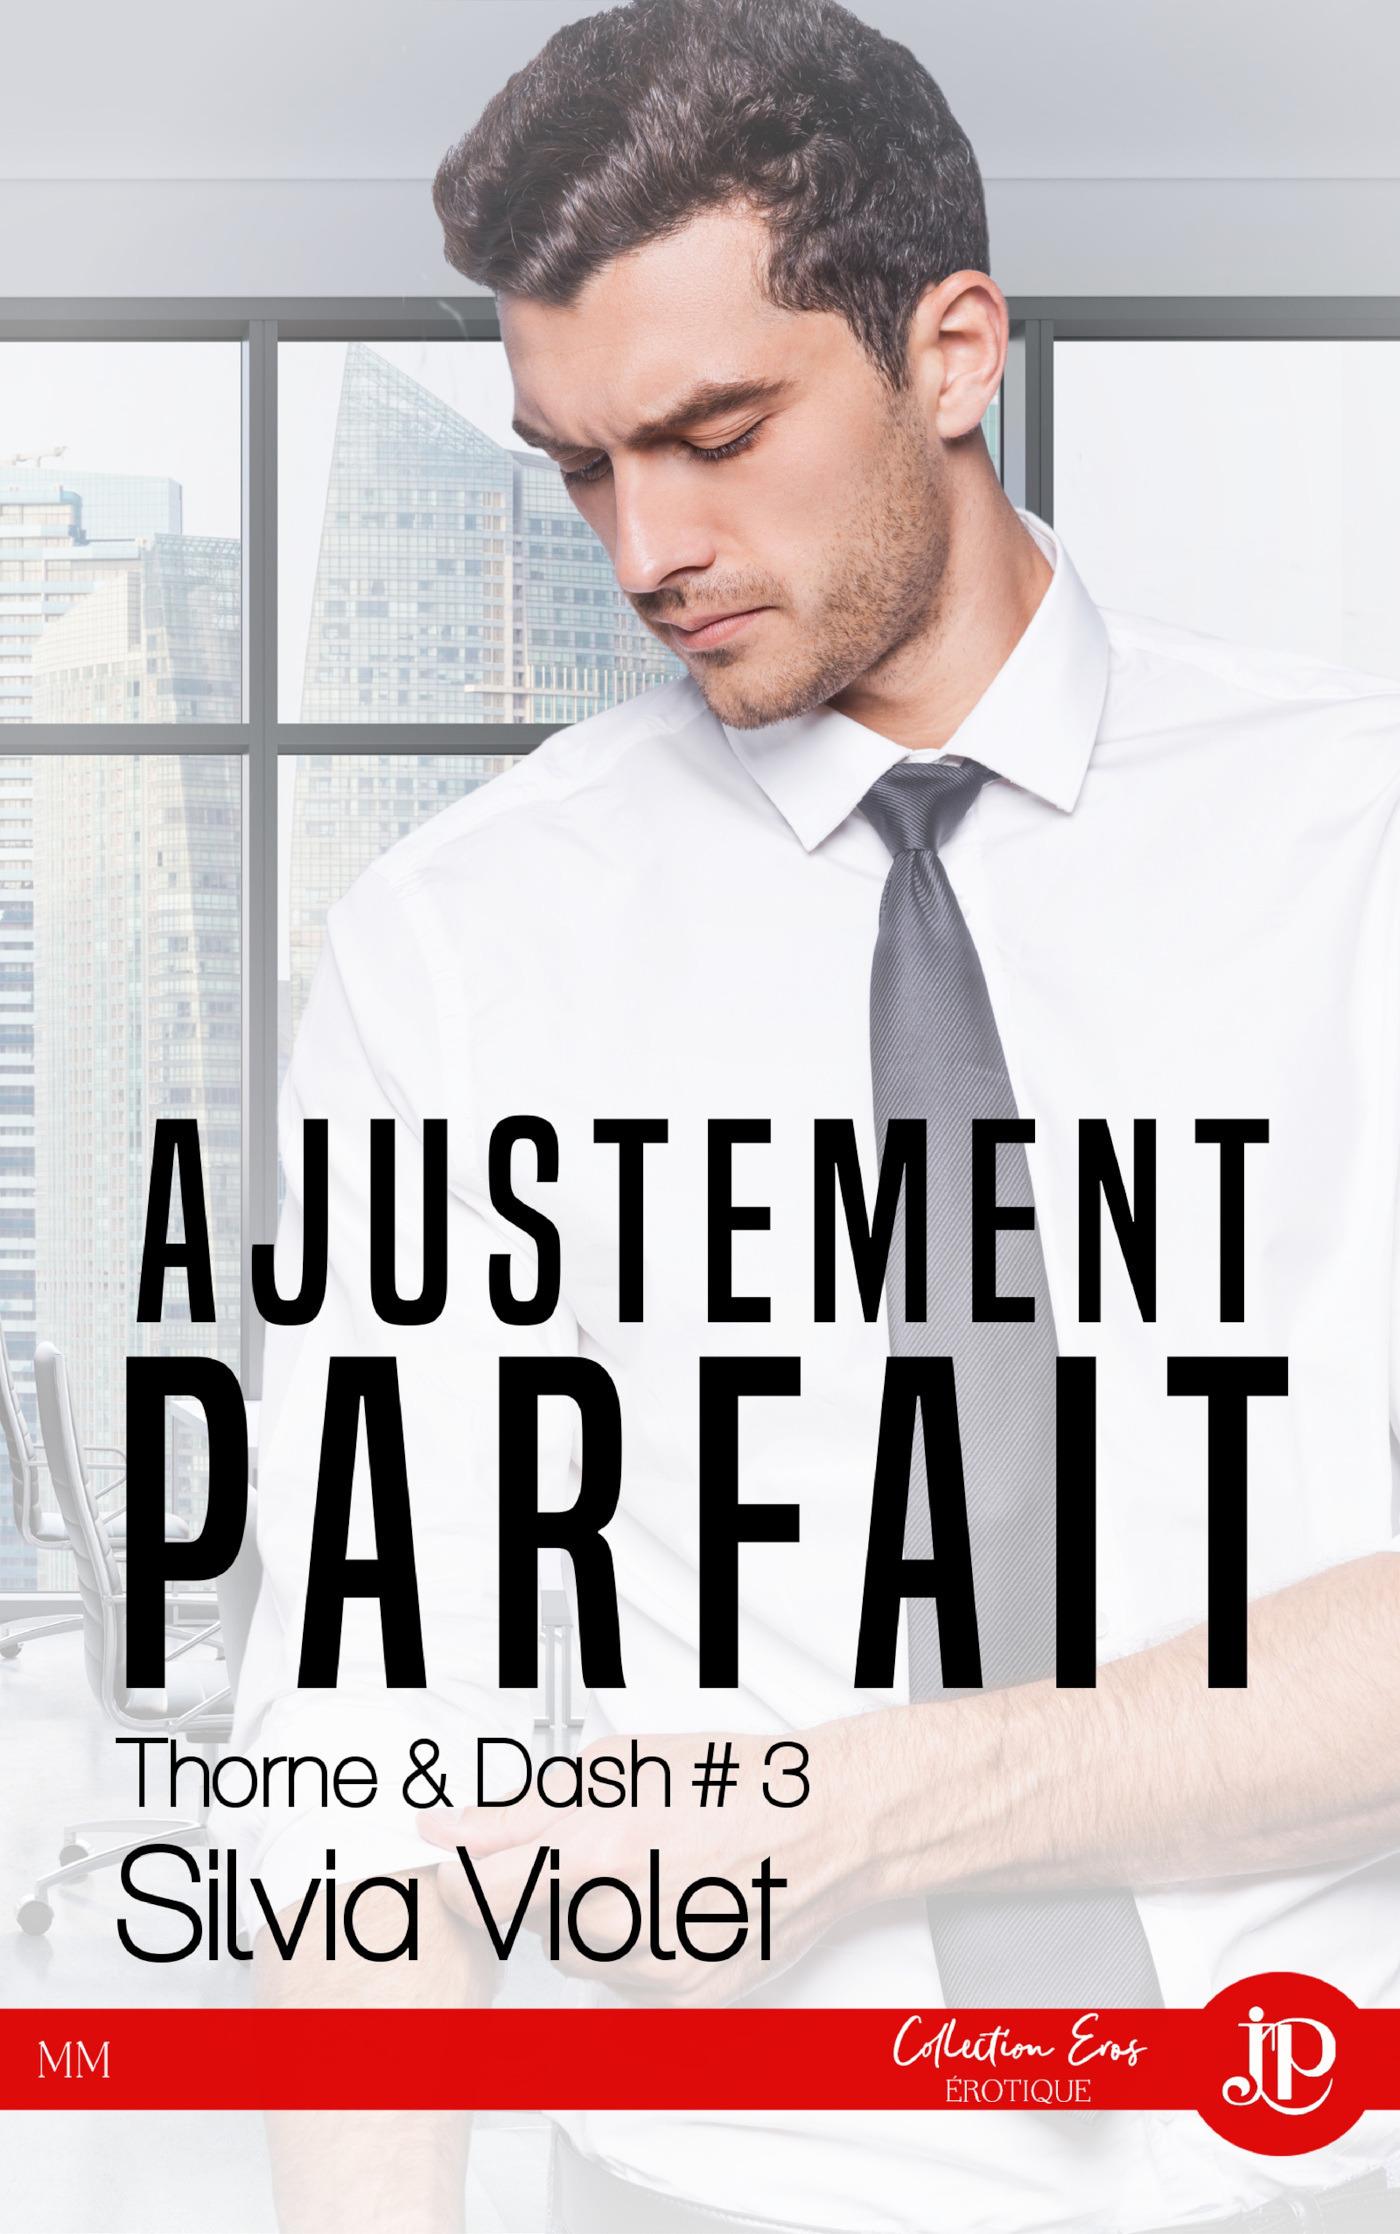 Thorne & dash - t03 - ajustement parfait - thorne & dash #3